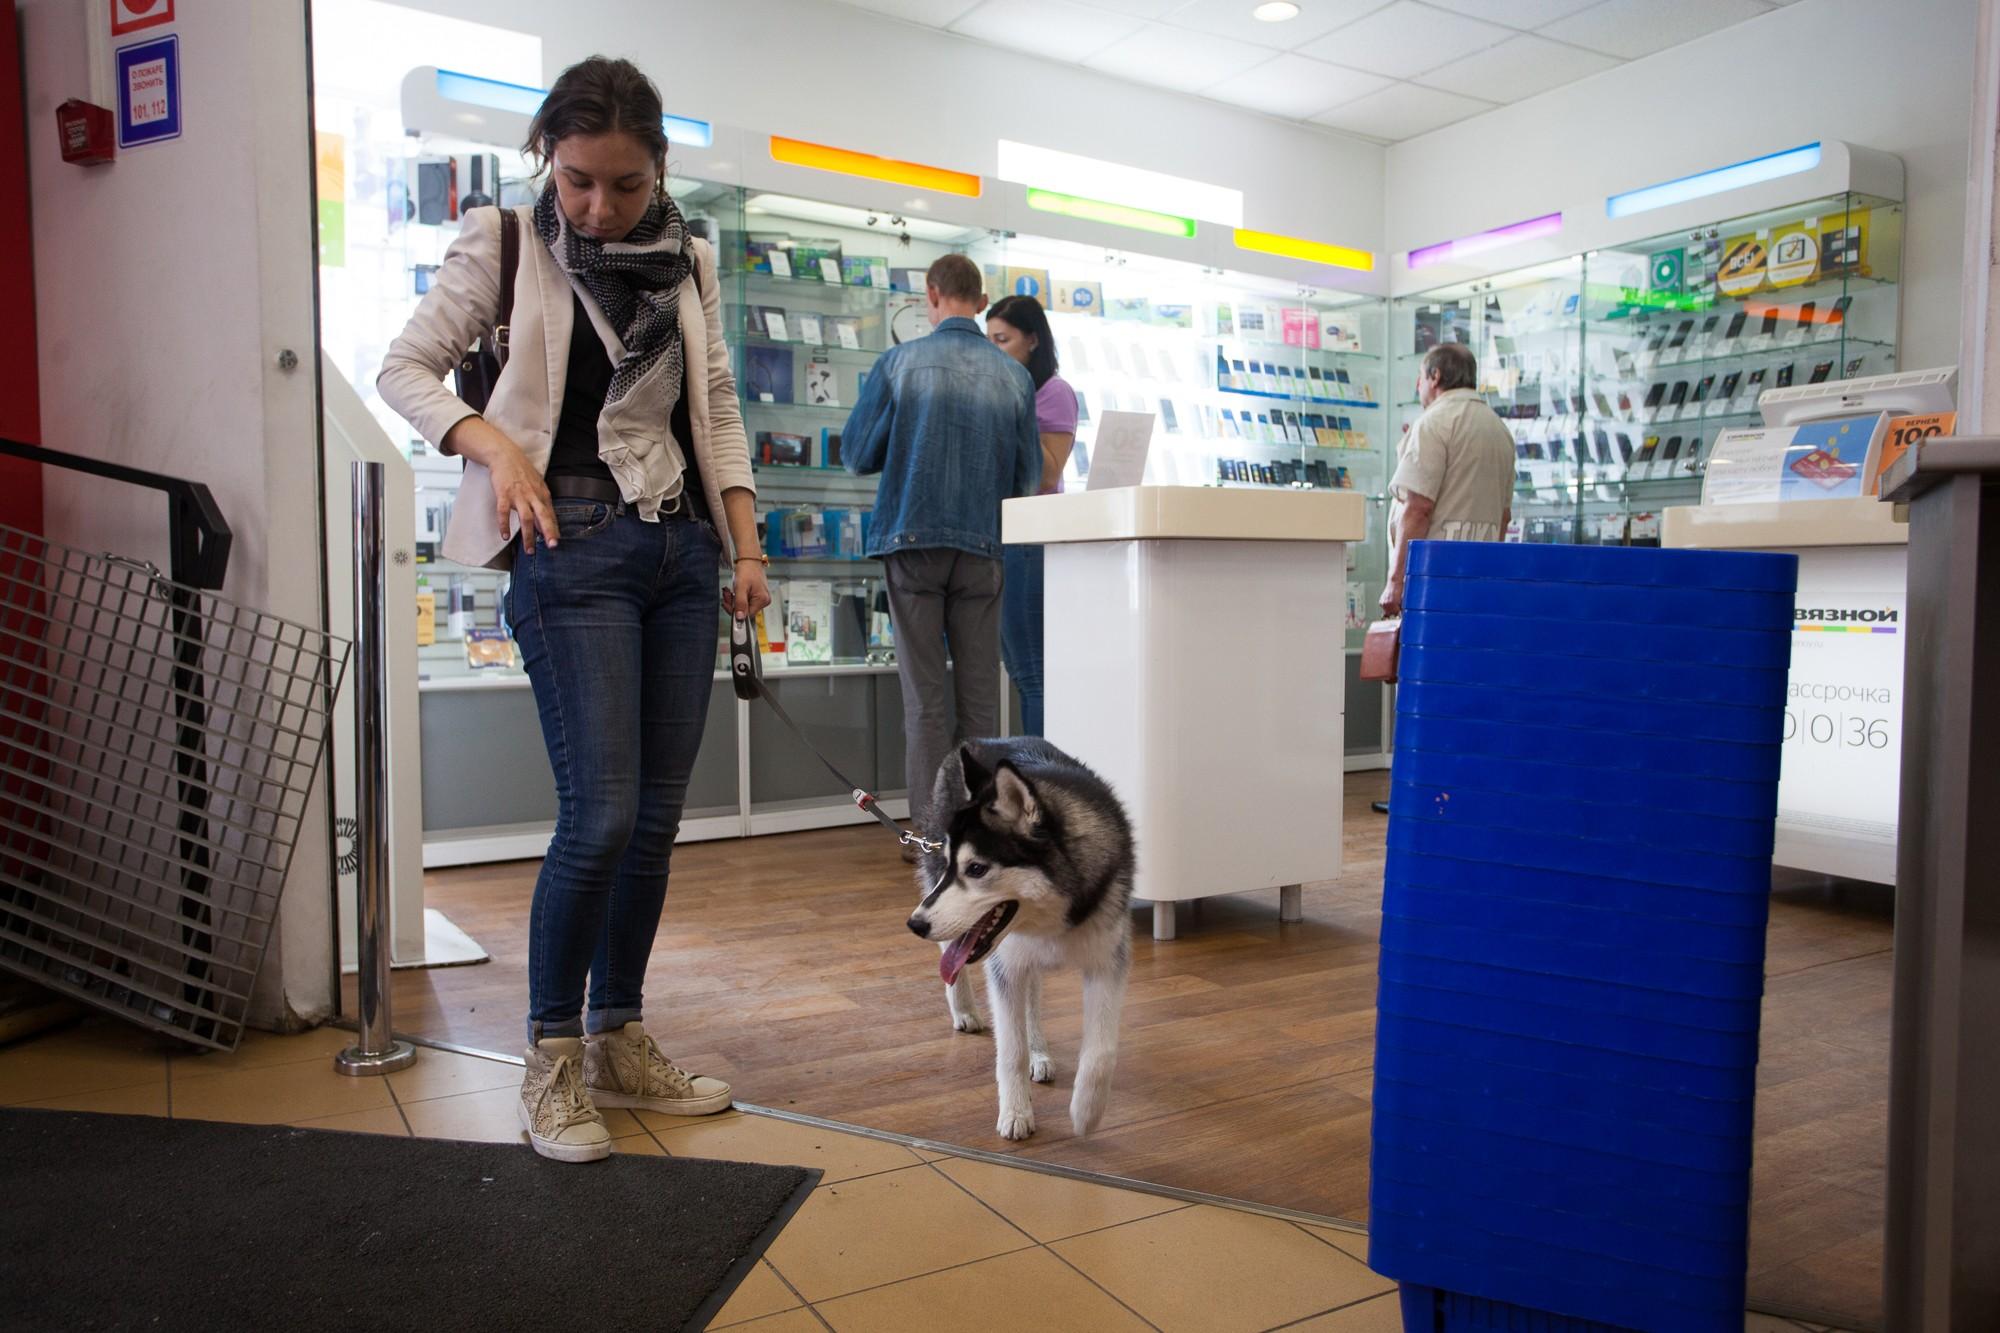 ксюша и хаски собака евросеть салон сотовой связи